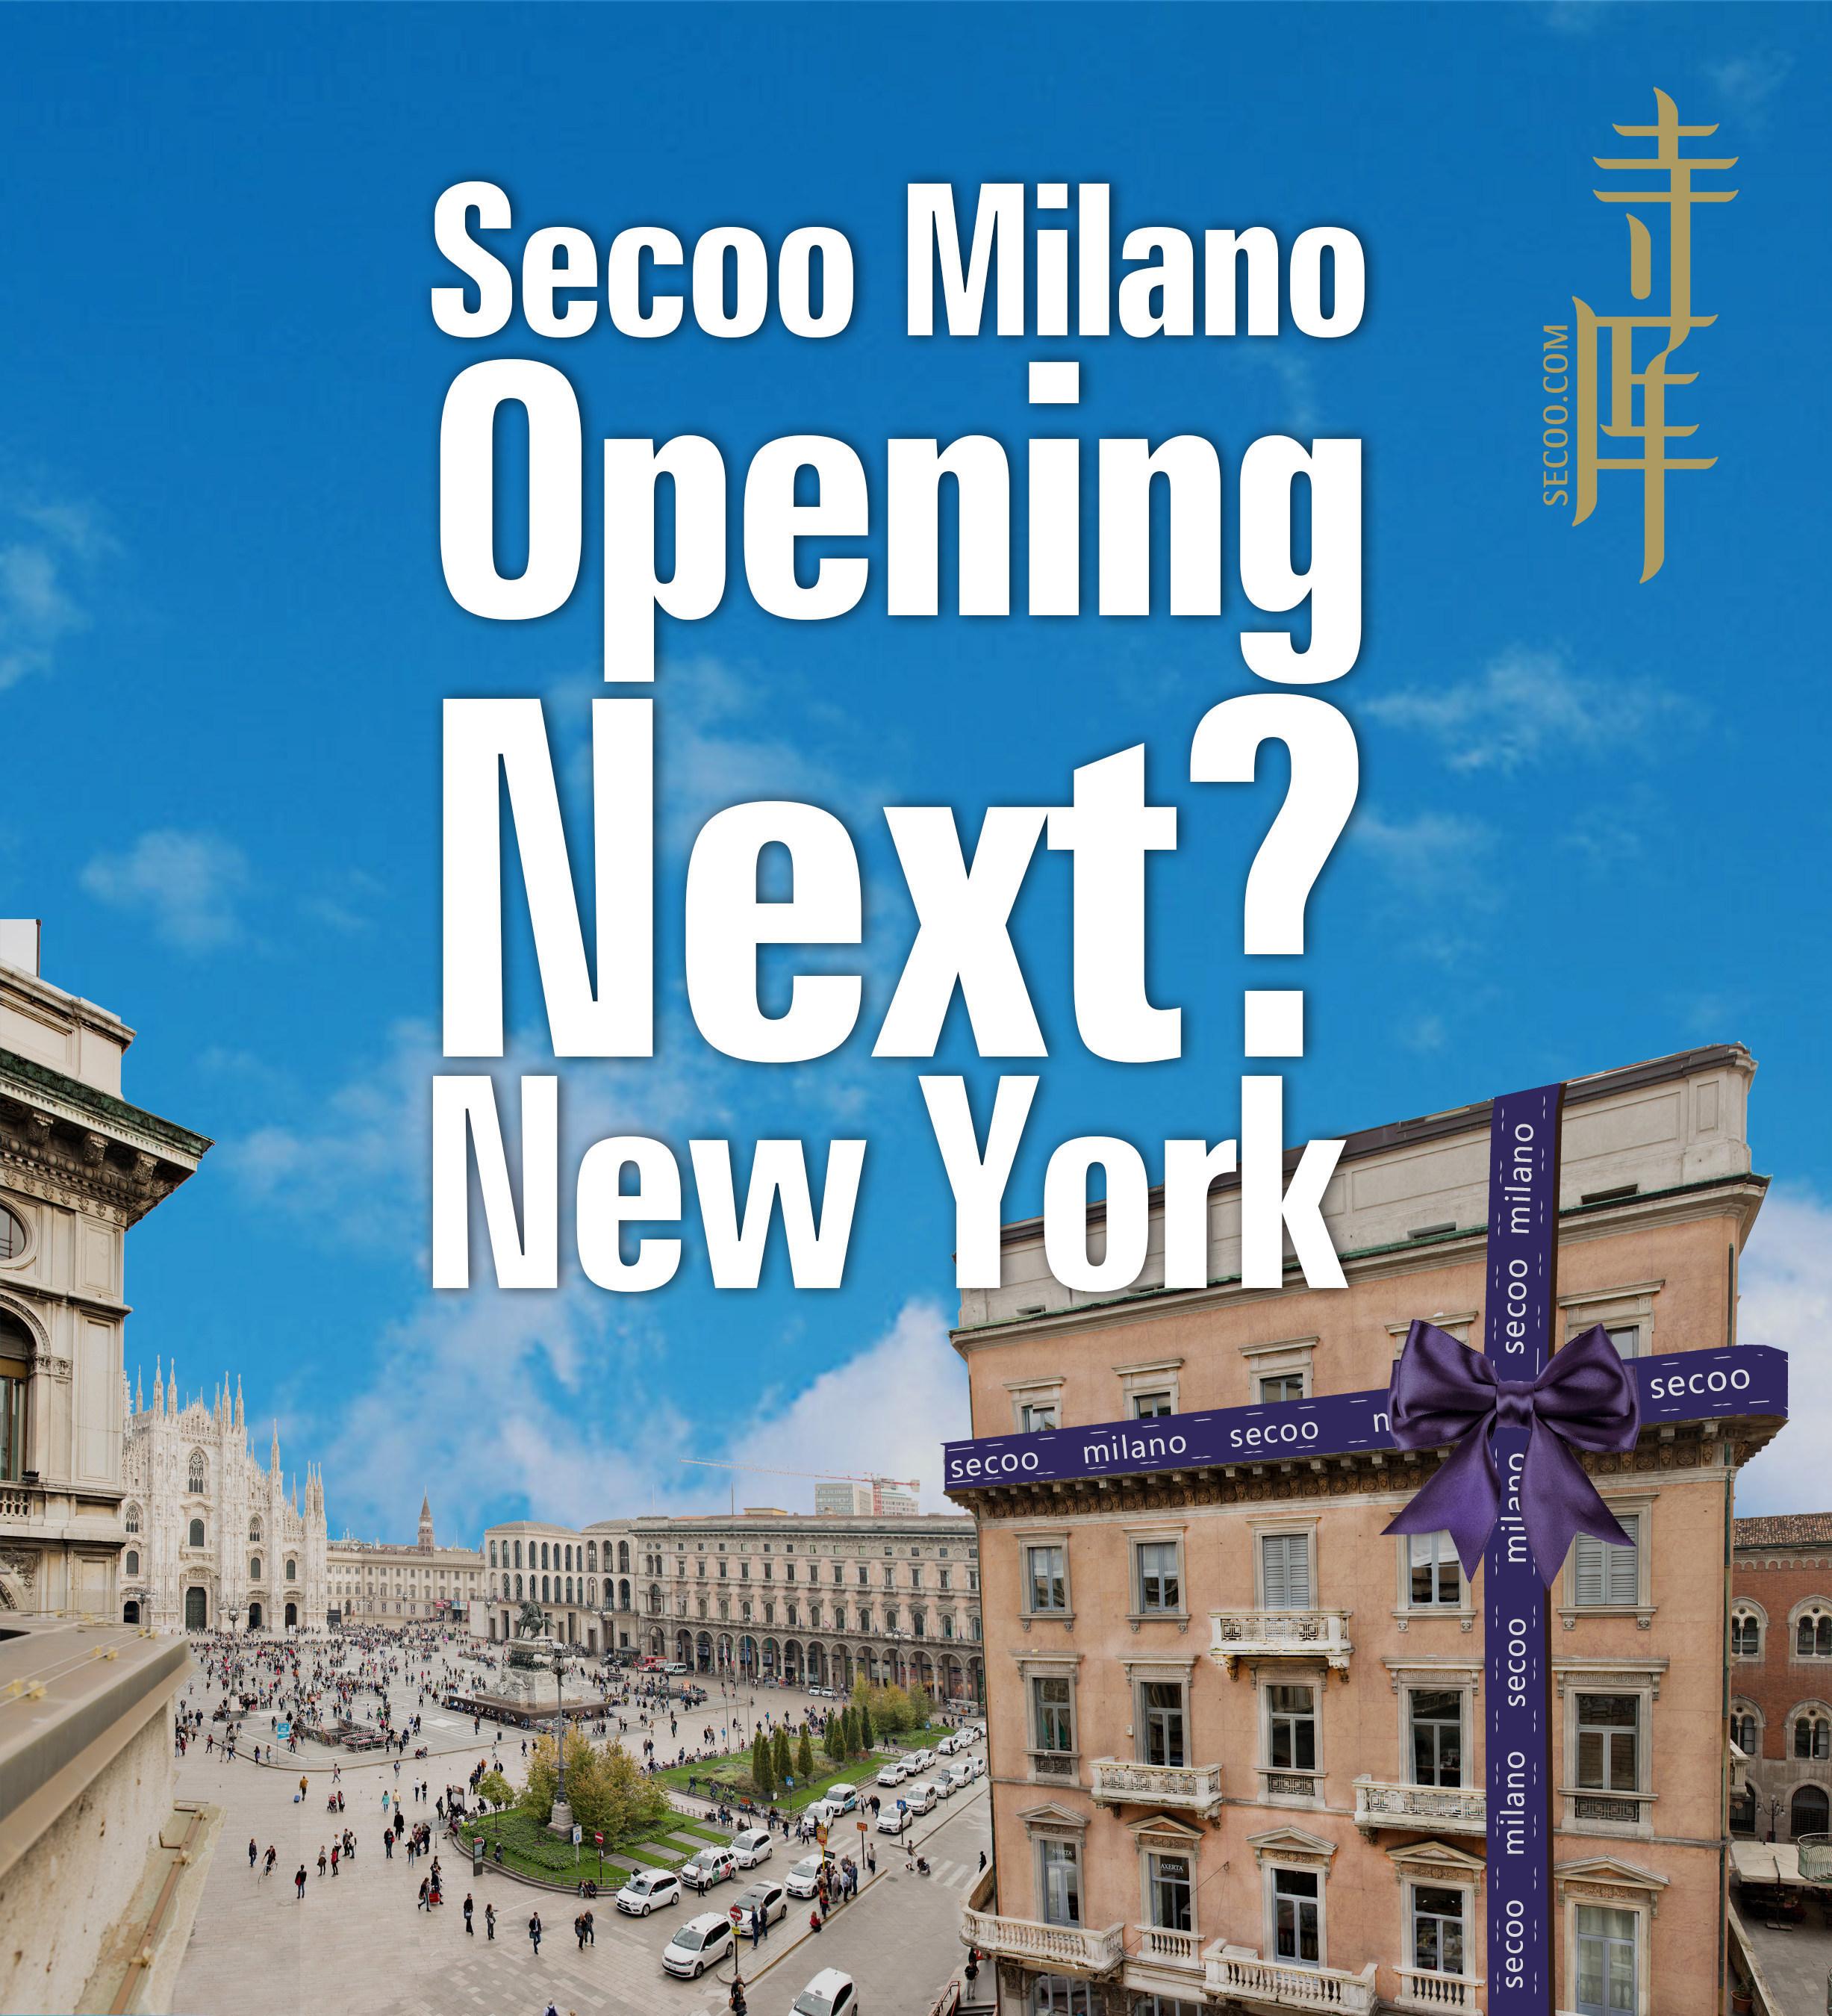 SECOO in Mailand bietet ein grenzübergreifendes Erlebnis